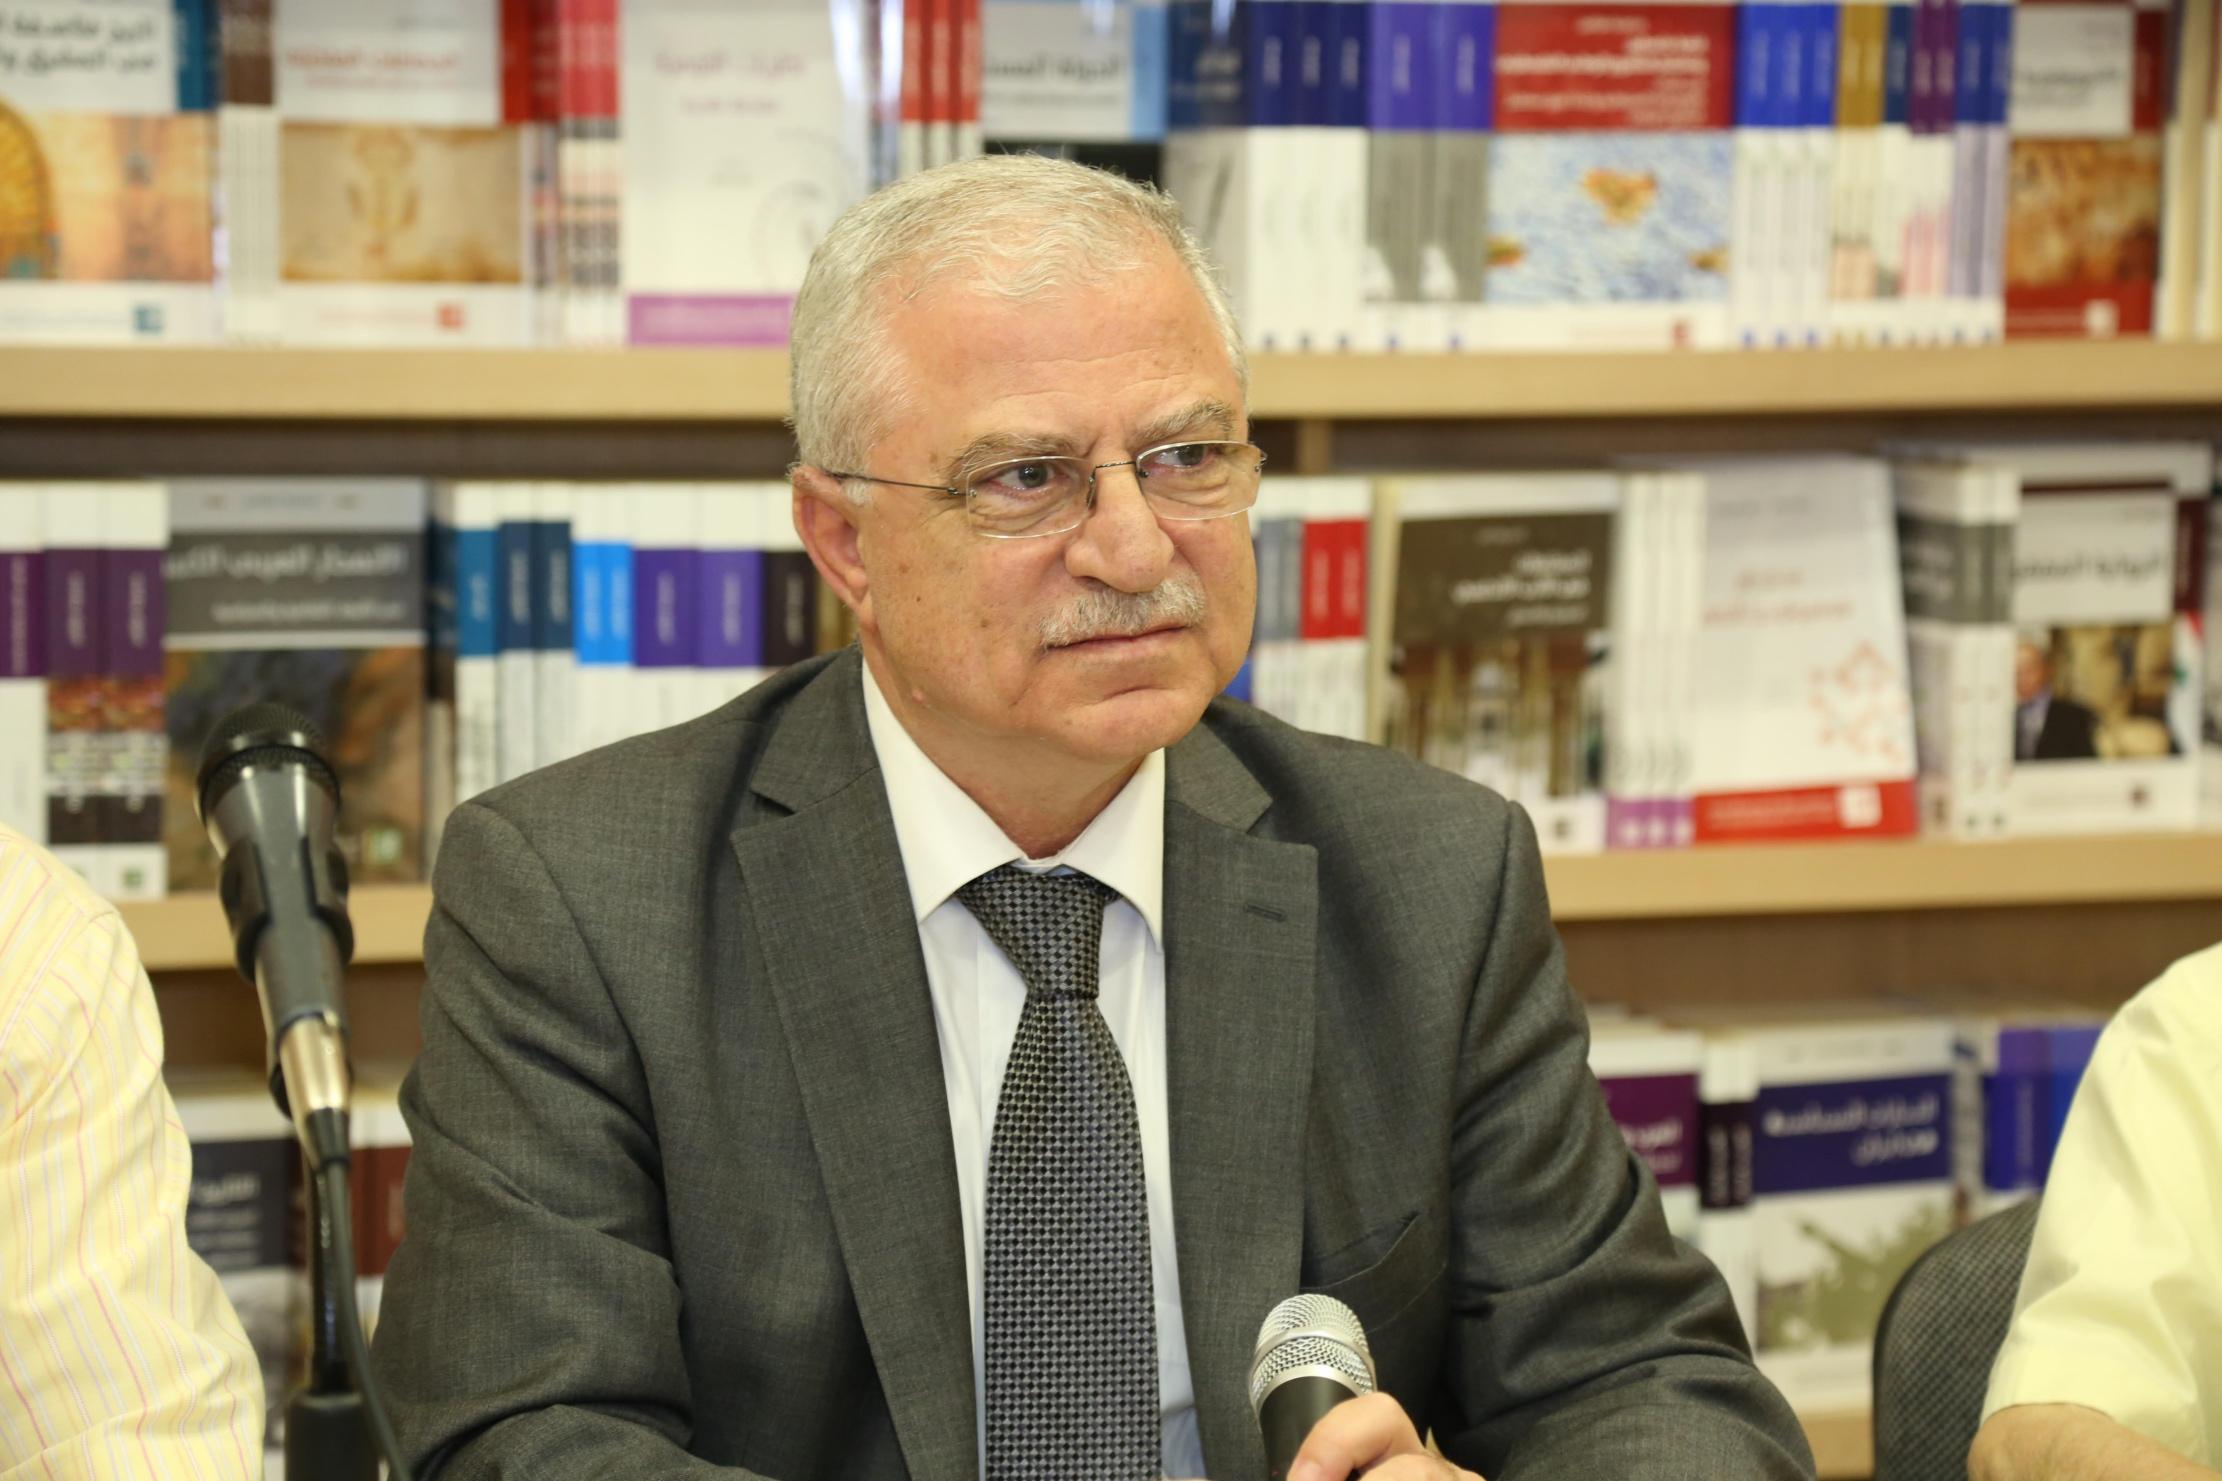 خالد زيادة: ذاكرة العداء متبادلة بين أوروبا والإسلام